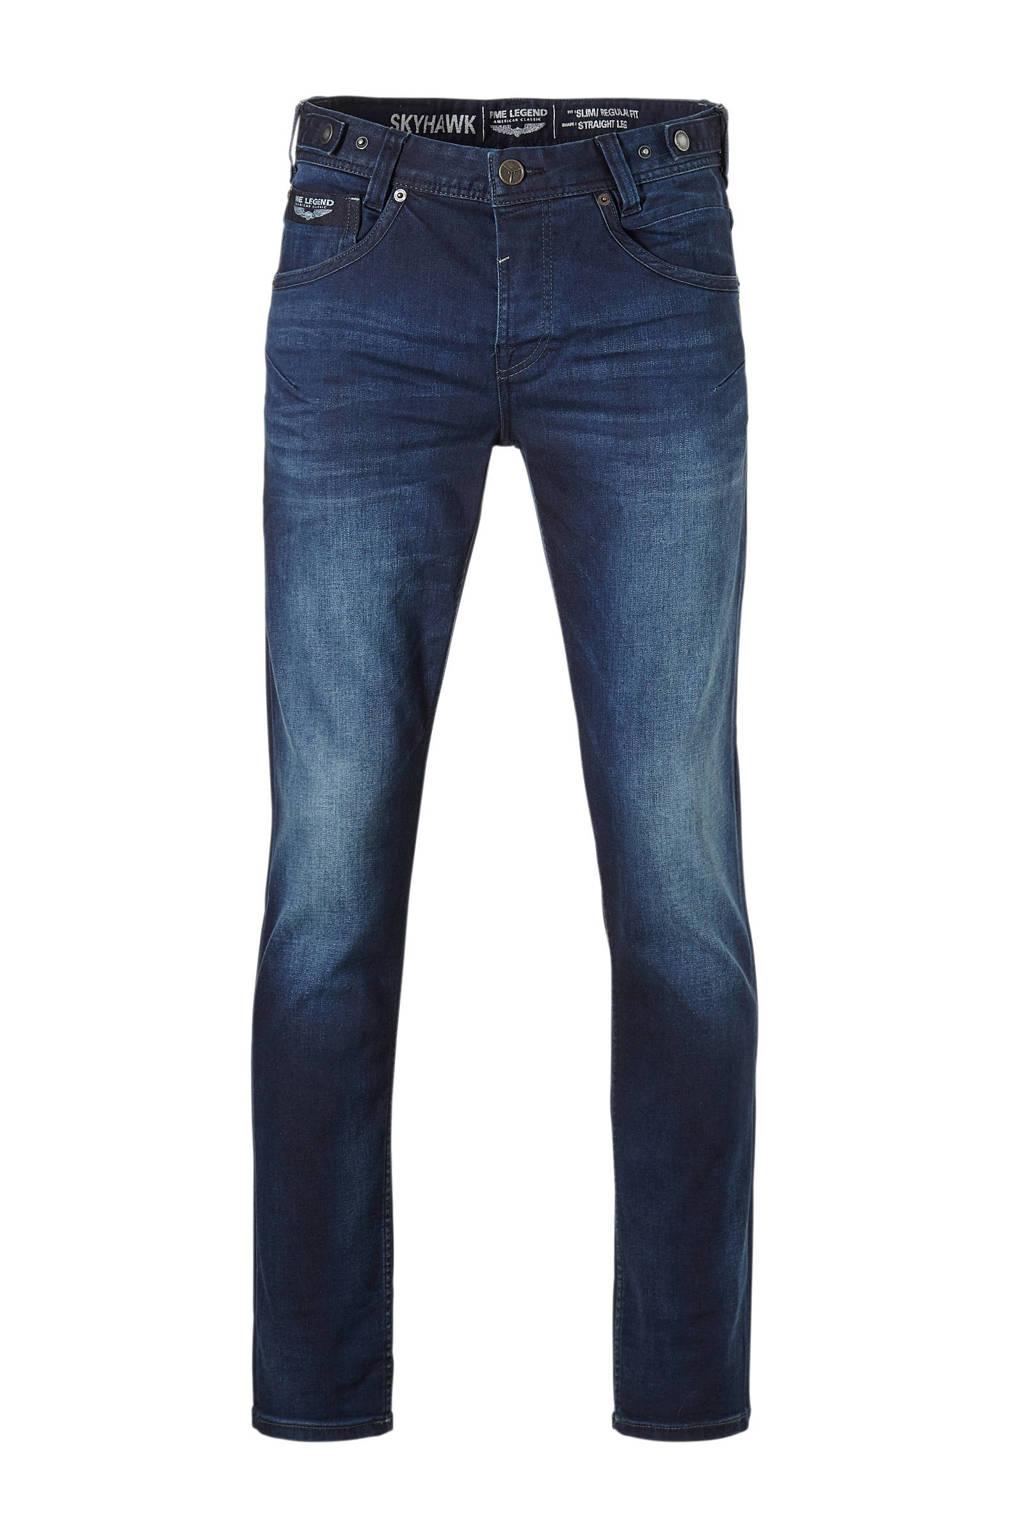 PME Legend slim fit jeans Skyhawk, GSB